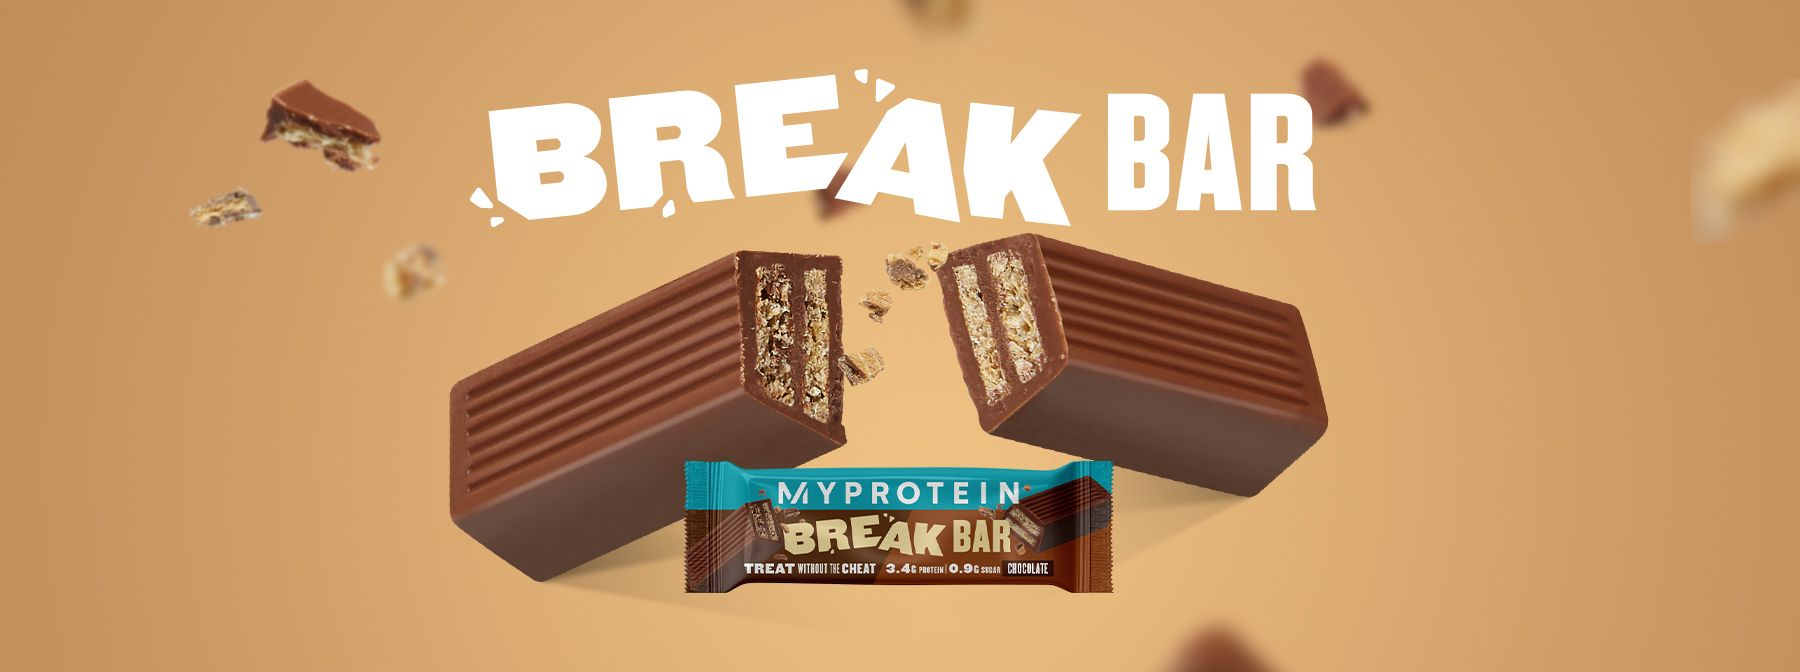 Uusi välipalapatukkamme The Break Bar | Proteiinipatukat